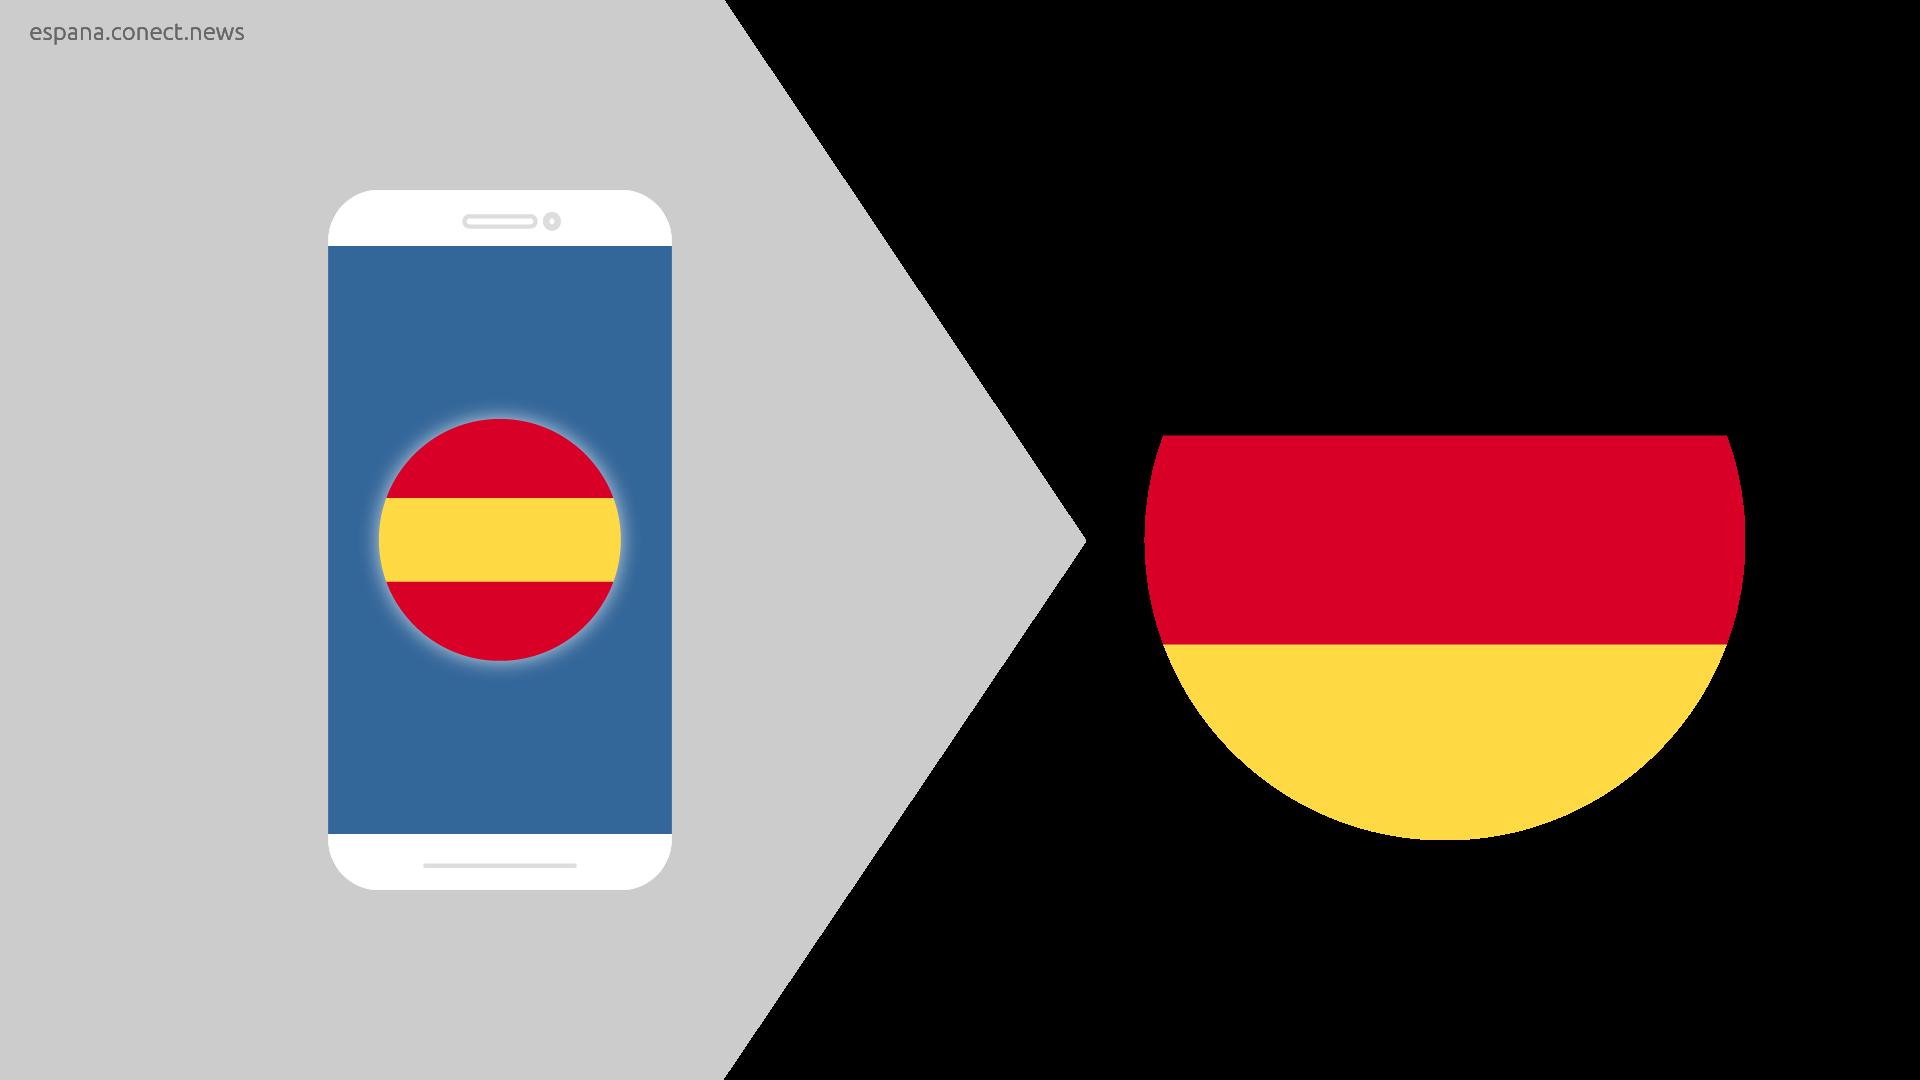 Spanien-deutschland @conect_news